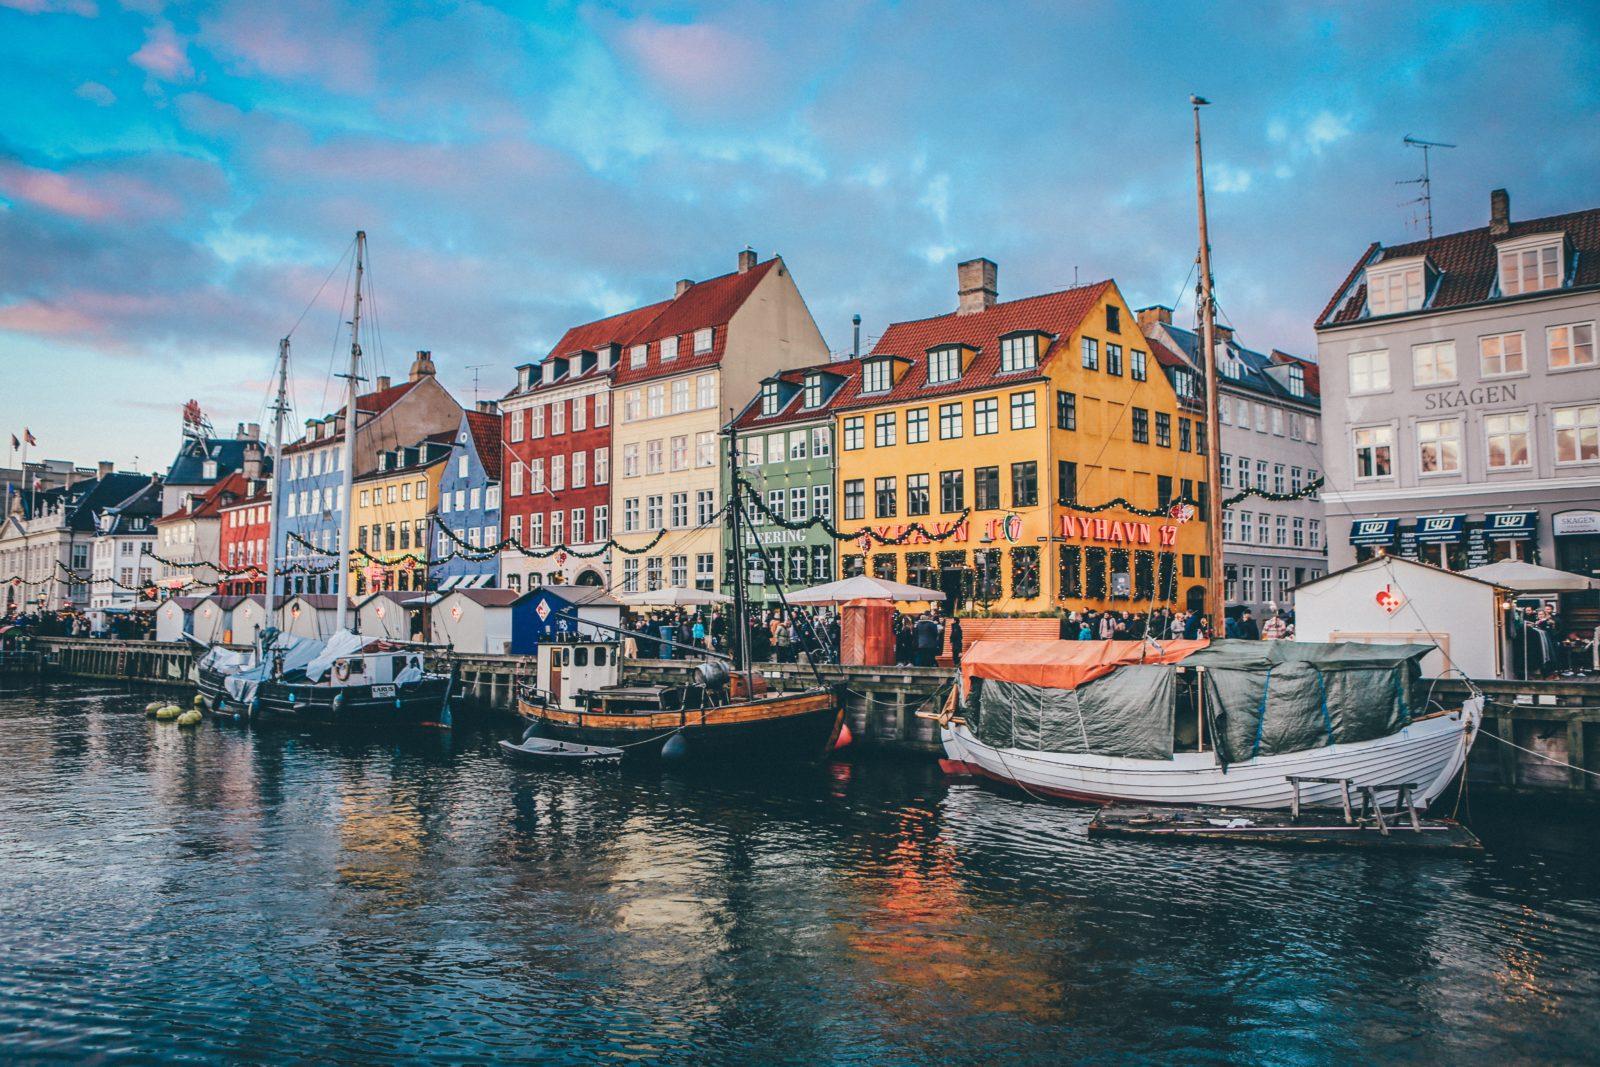 Des villes européennes inspirantes